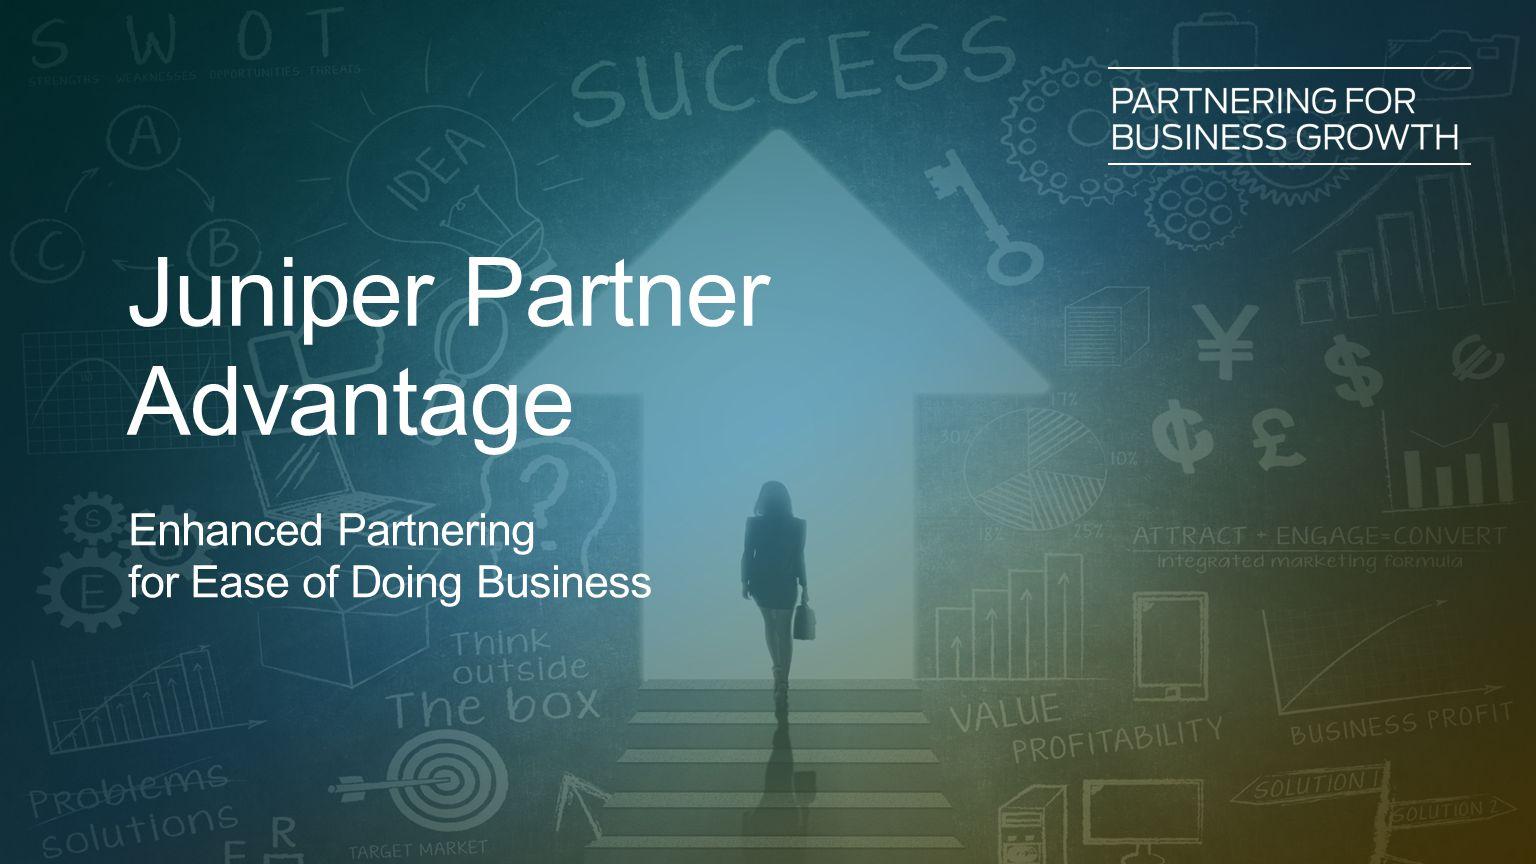 Juniper Partner Advantage